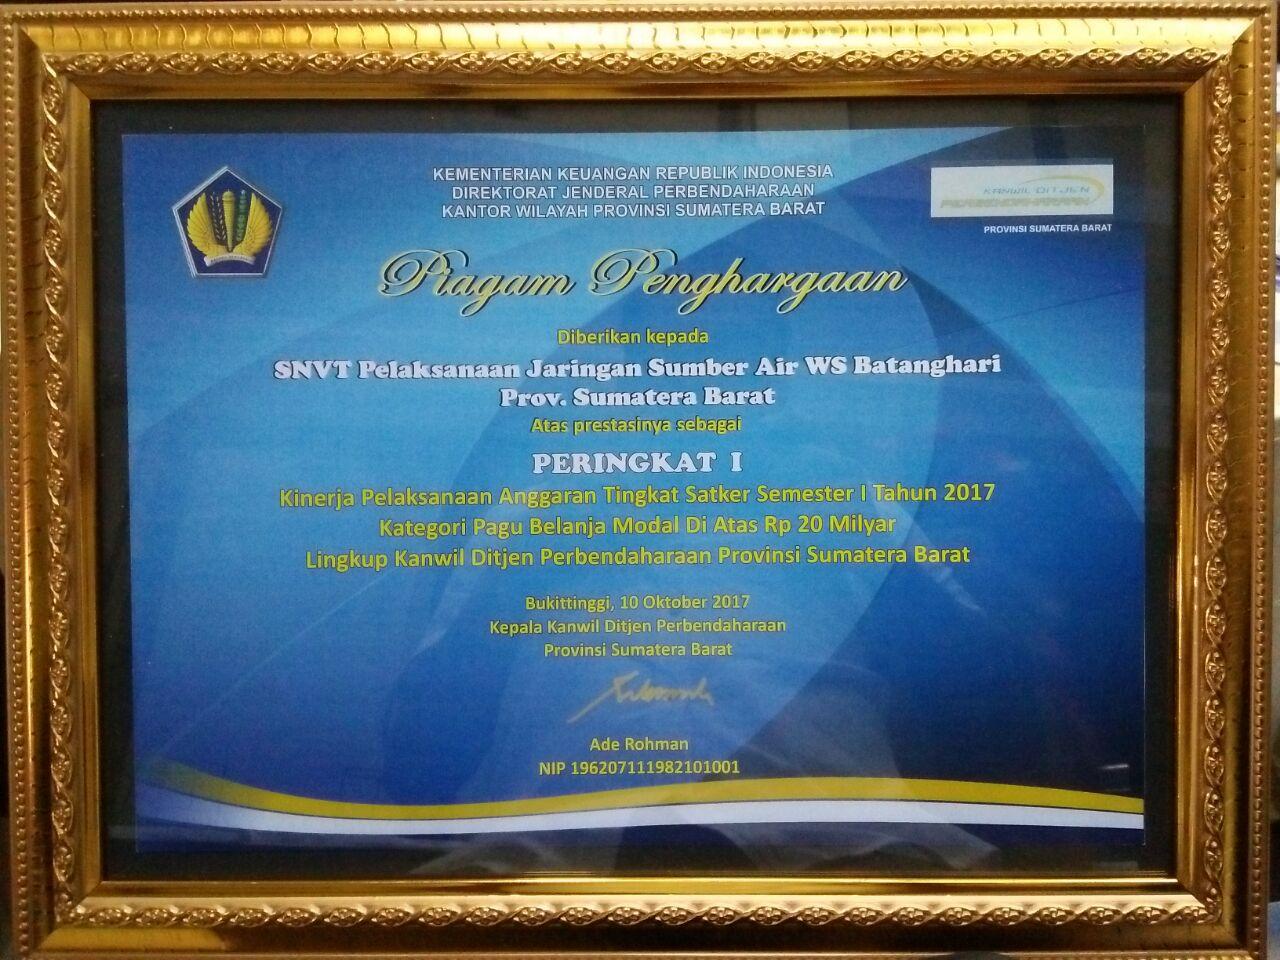 Satker SNVT PJSA WS. Batanghari Prov. Sumatera Barat Mendapat Peringkat Terbaik Dari Kanwil Ditjen Perbendaharaan Provinsi Sumatera Barat